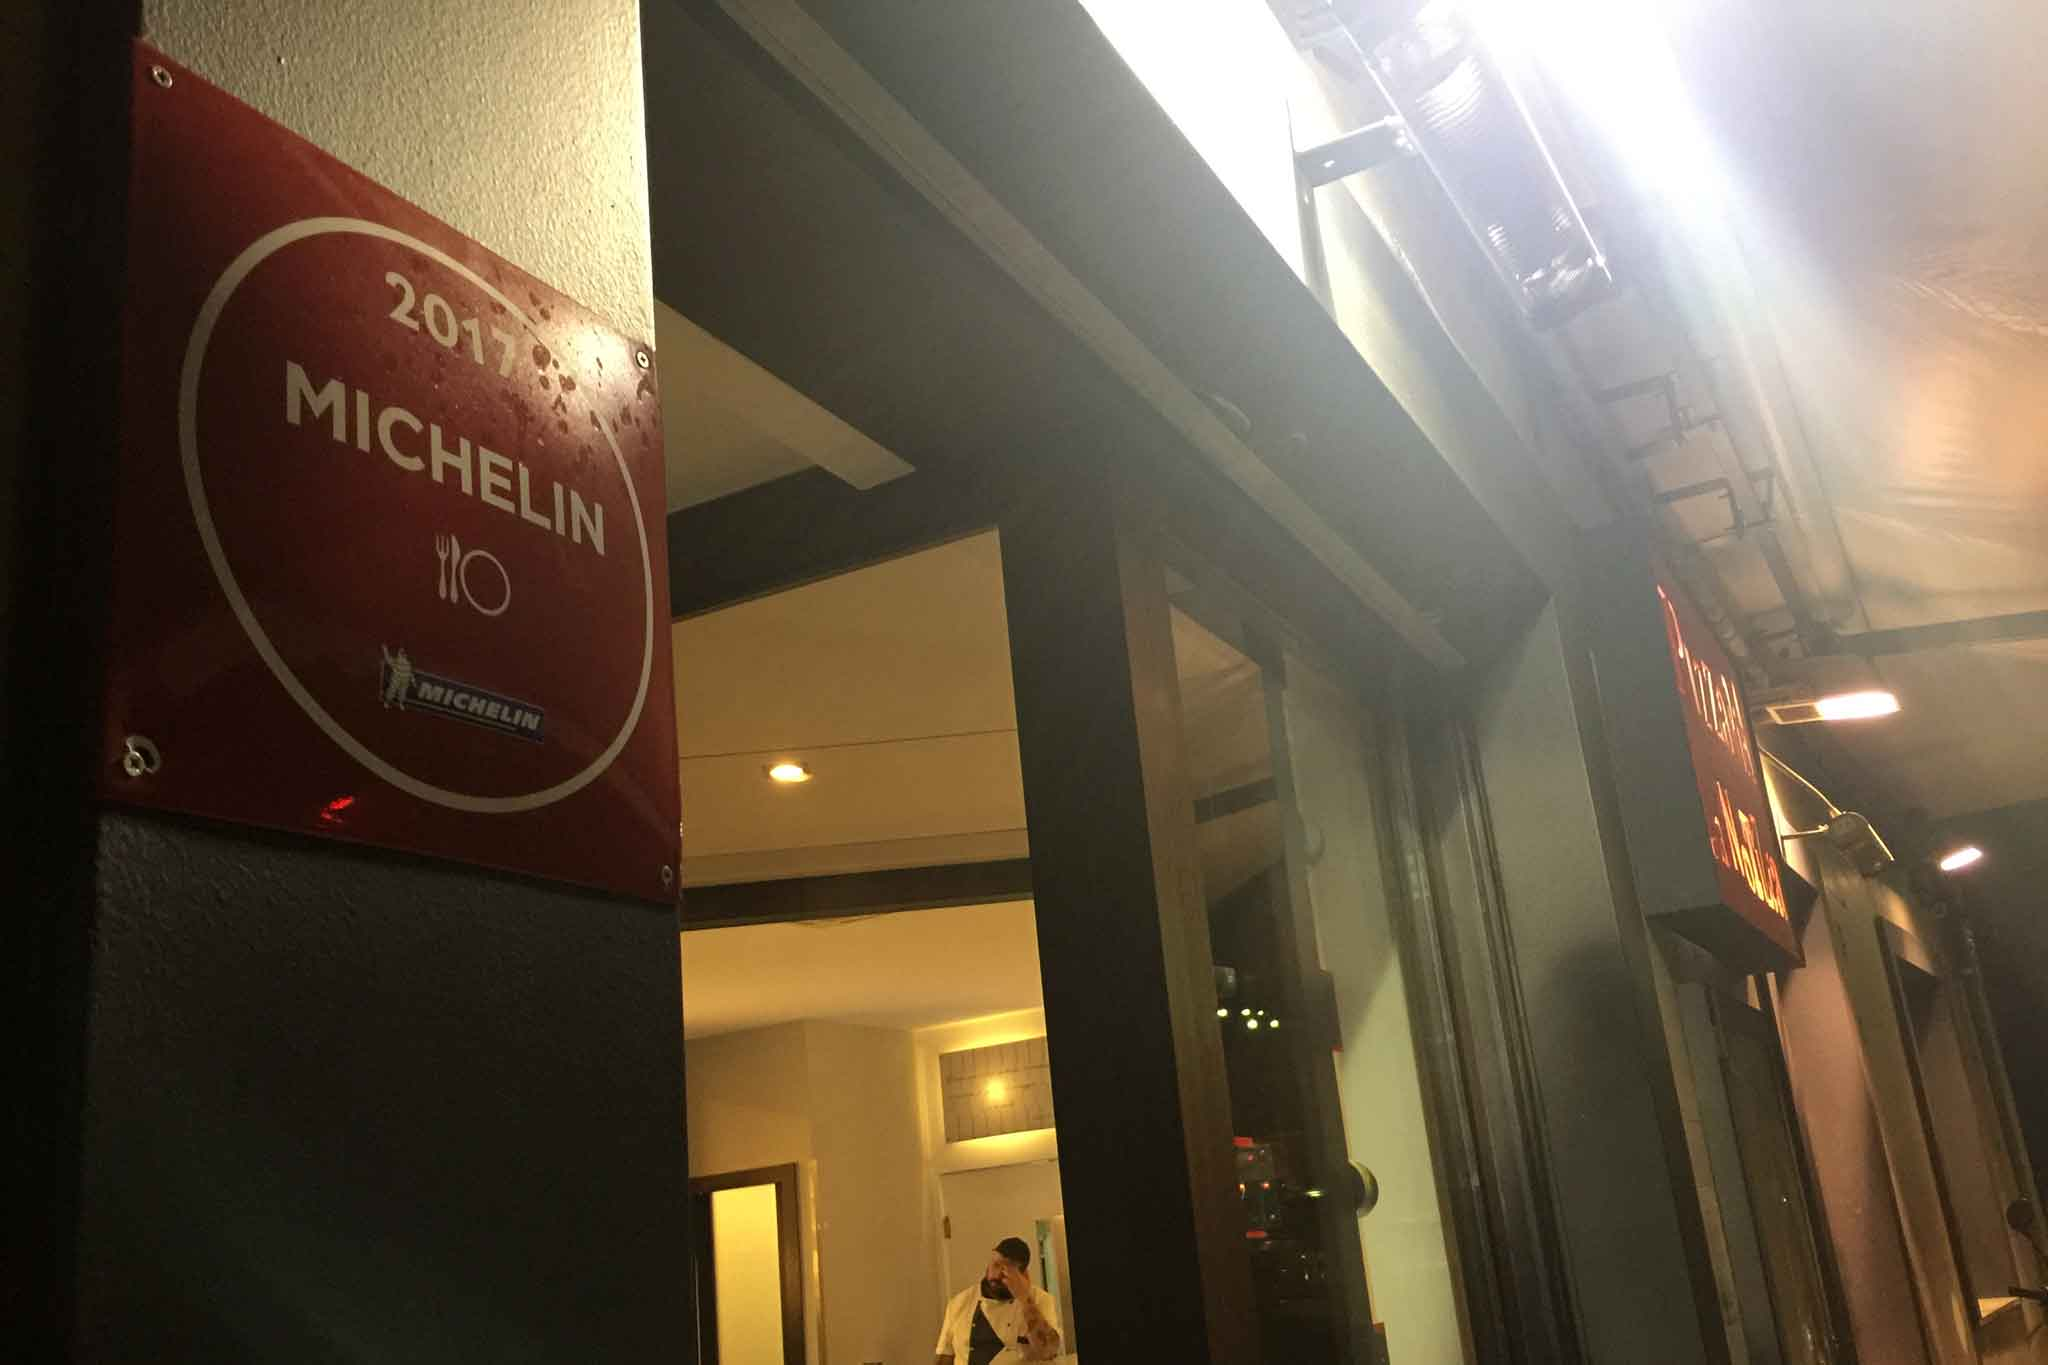 Michelin pizzeria La Notizia